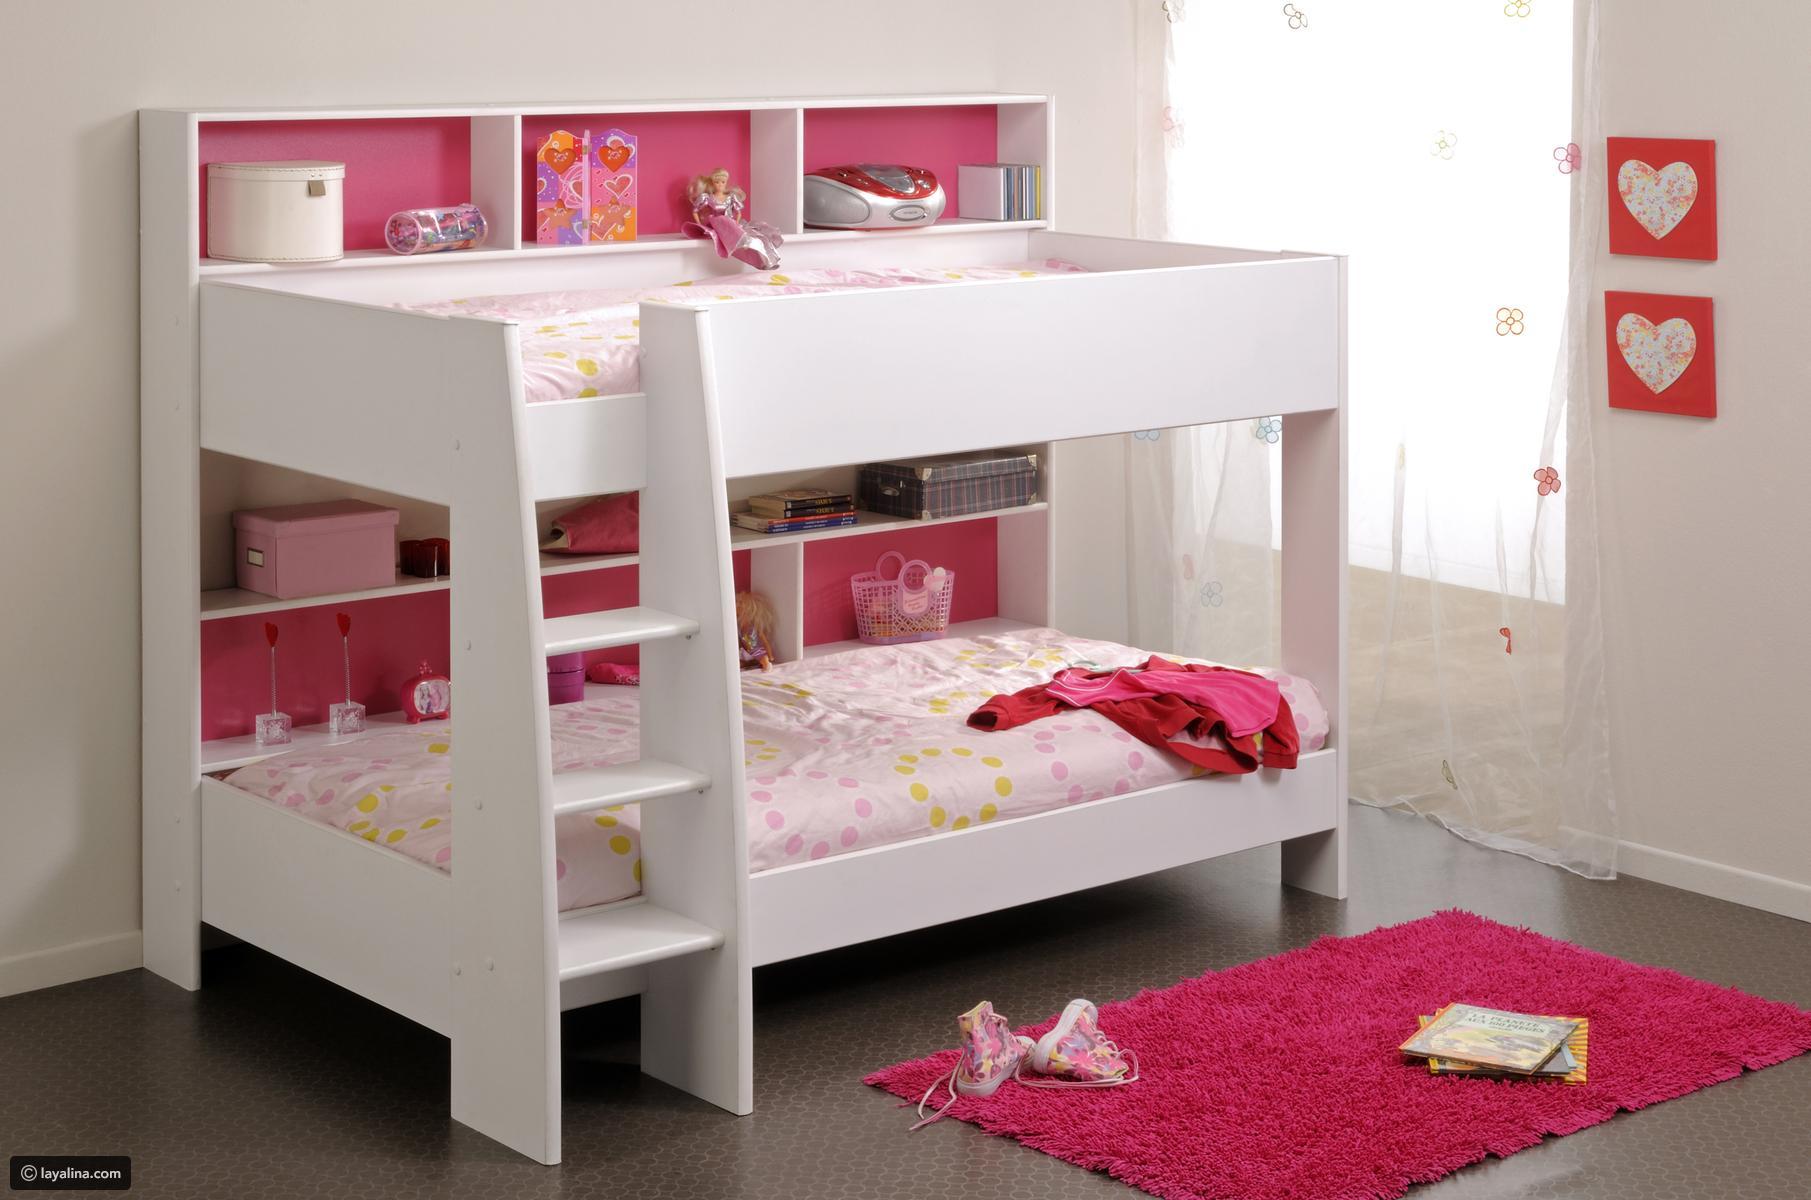 بالصور احدث غرف نوم اطفال , صور احدث غرف النوم للاطفال 3587 9